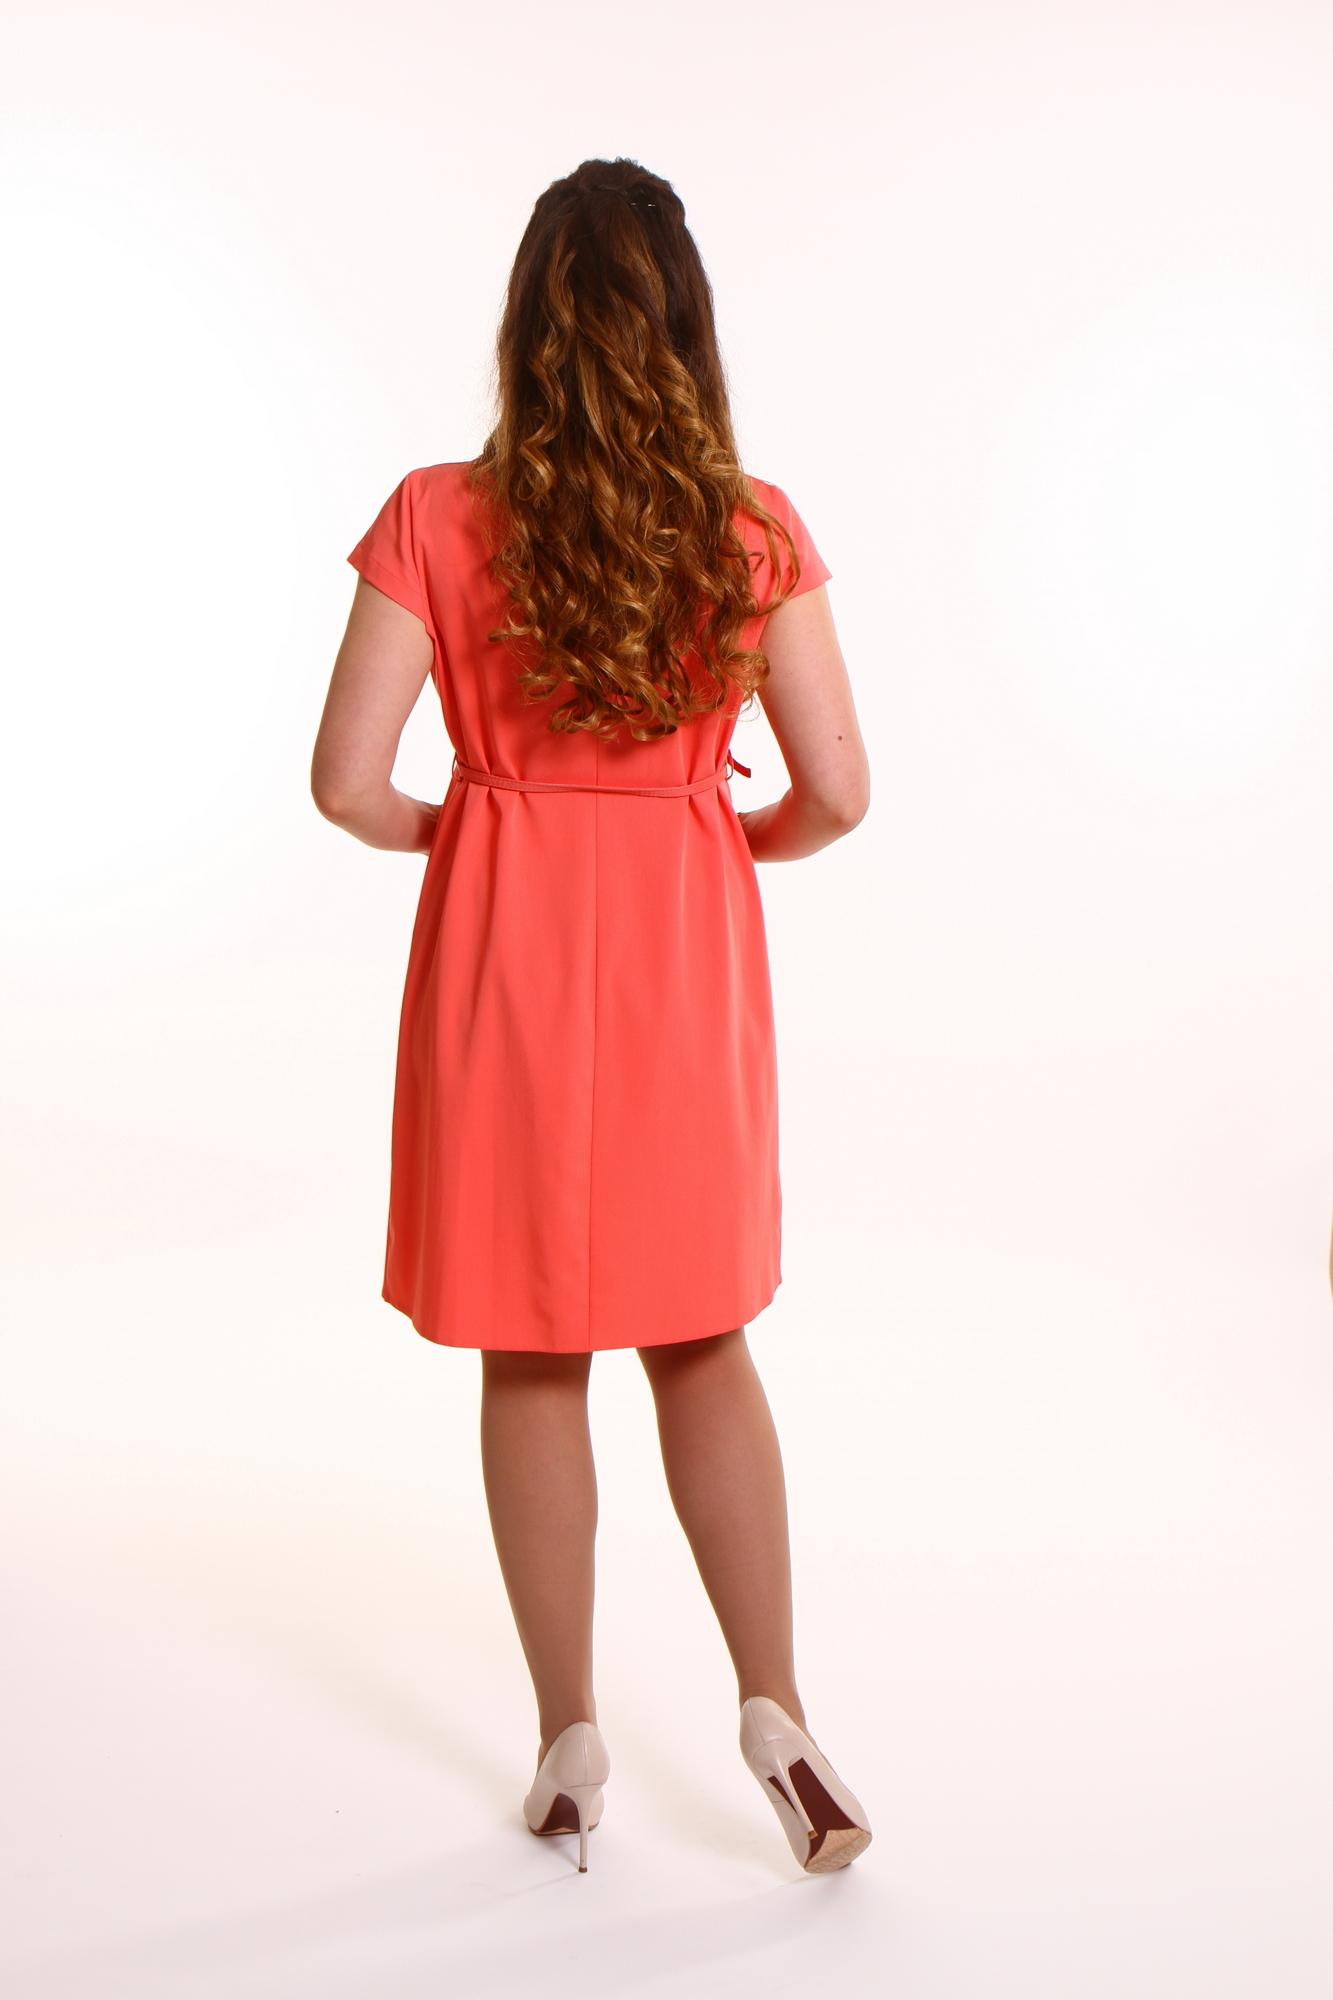 Фото платье для беременных GEMKO от магазина СКороМама, красный, размеры.